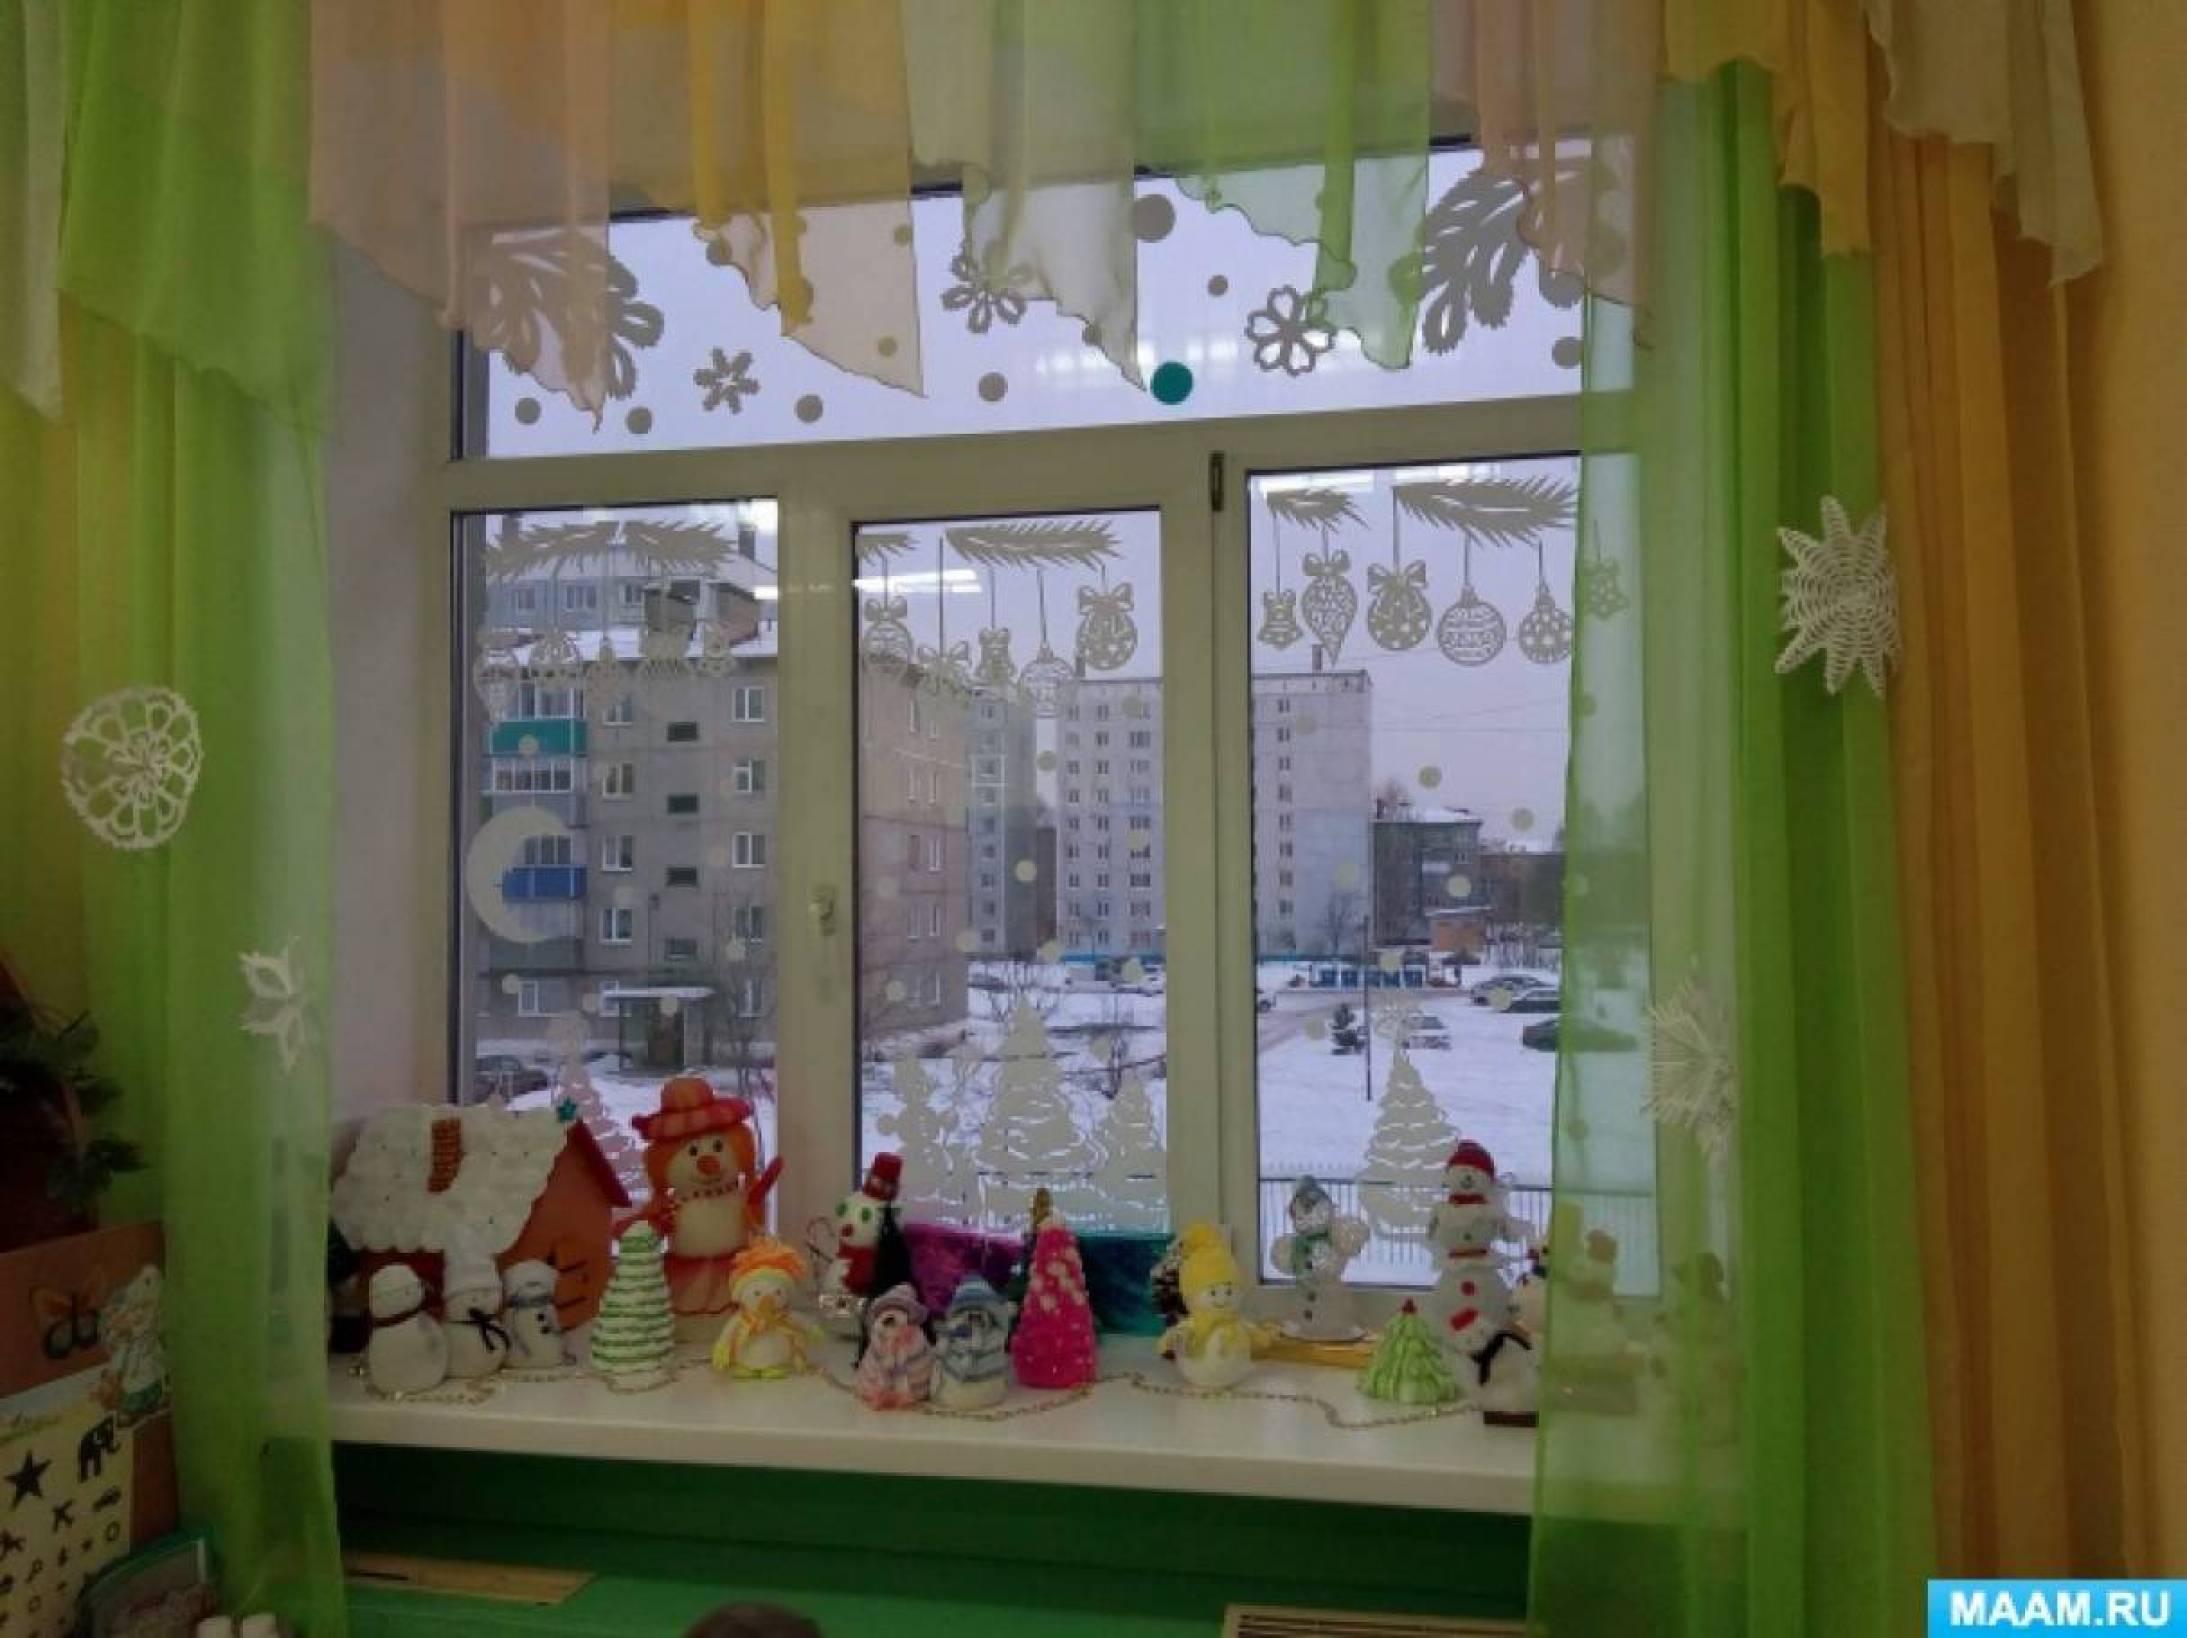 Фотоотчет зимнее оформление окон в детском саду «Волшебные снежинки»